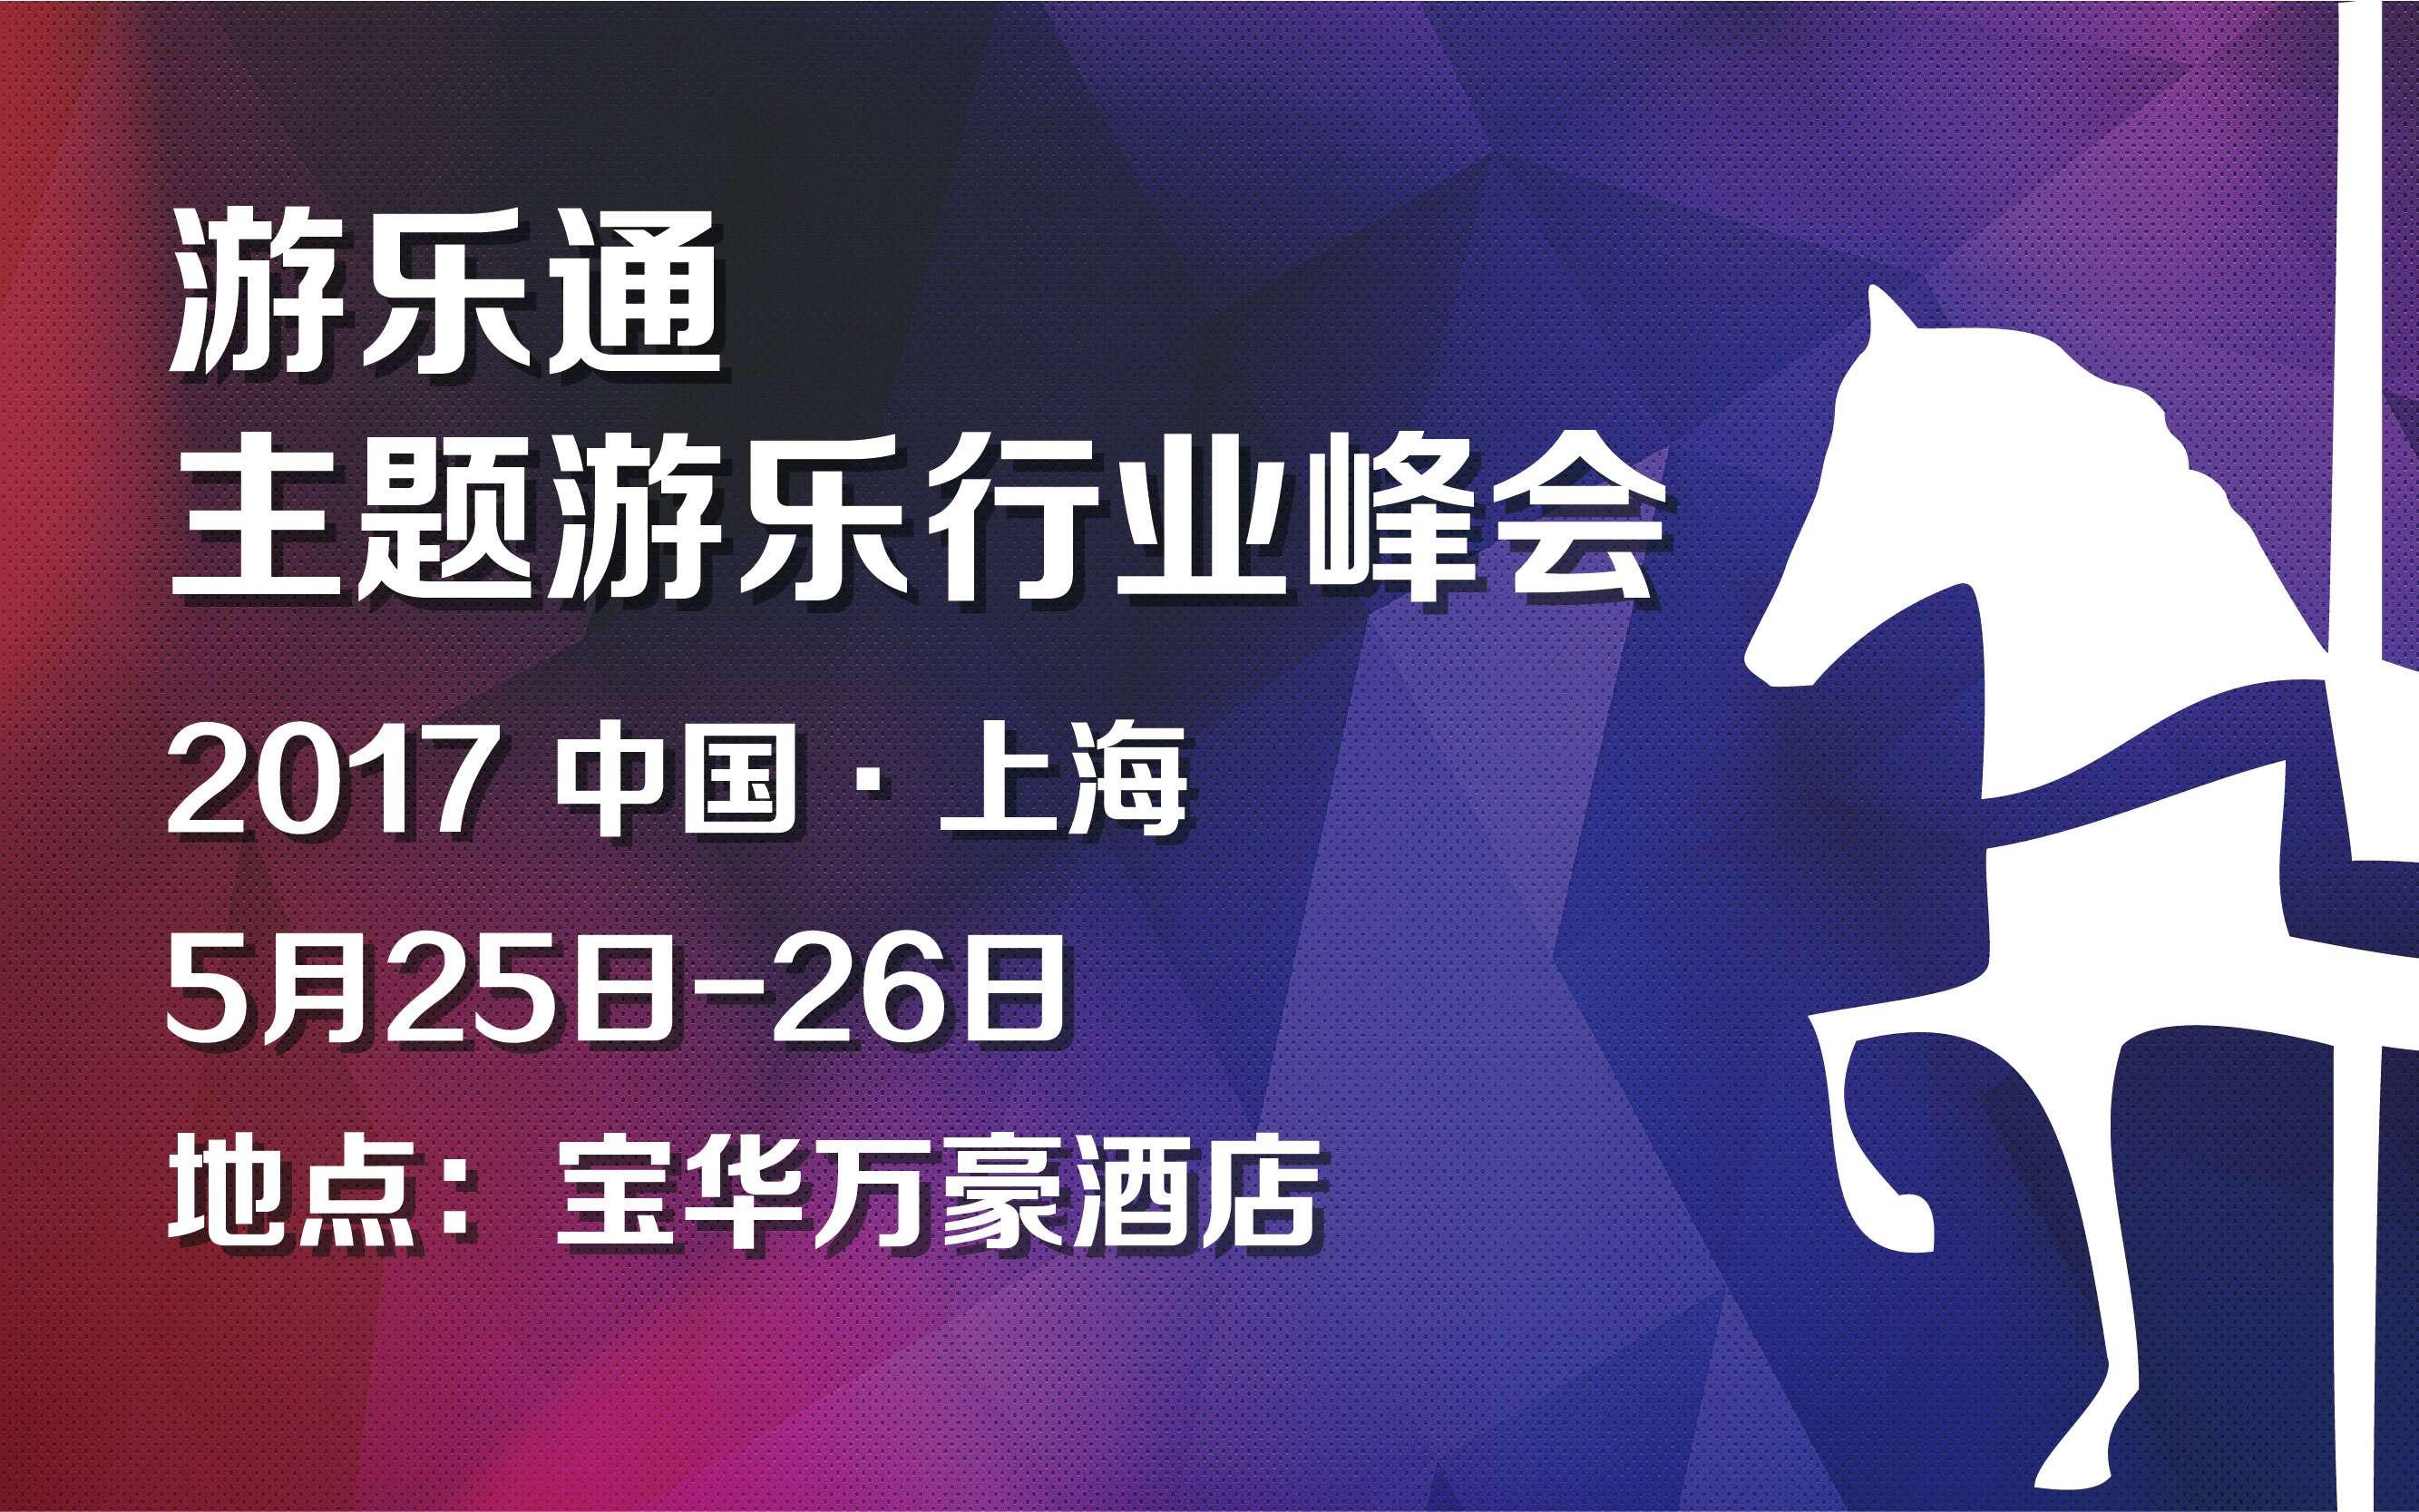 游乐通主题游乐产业峰会2017